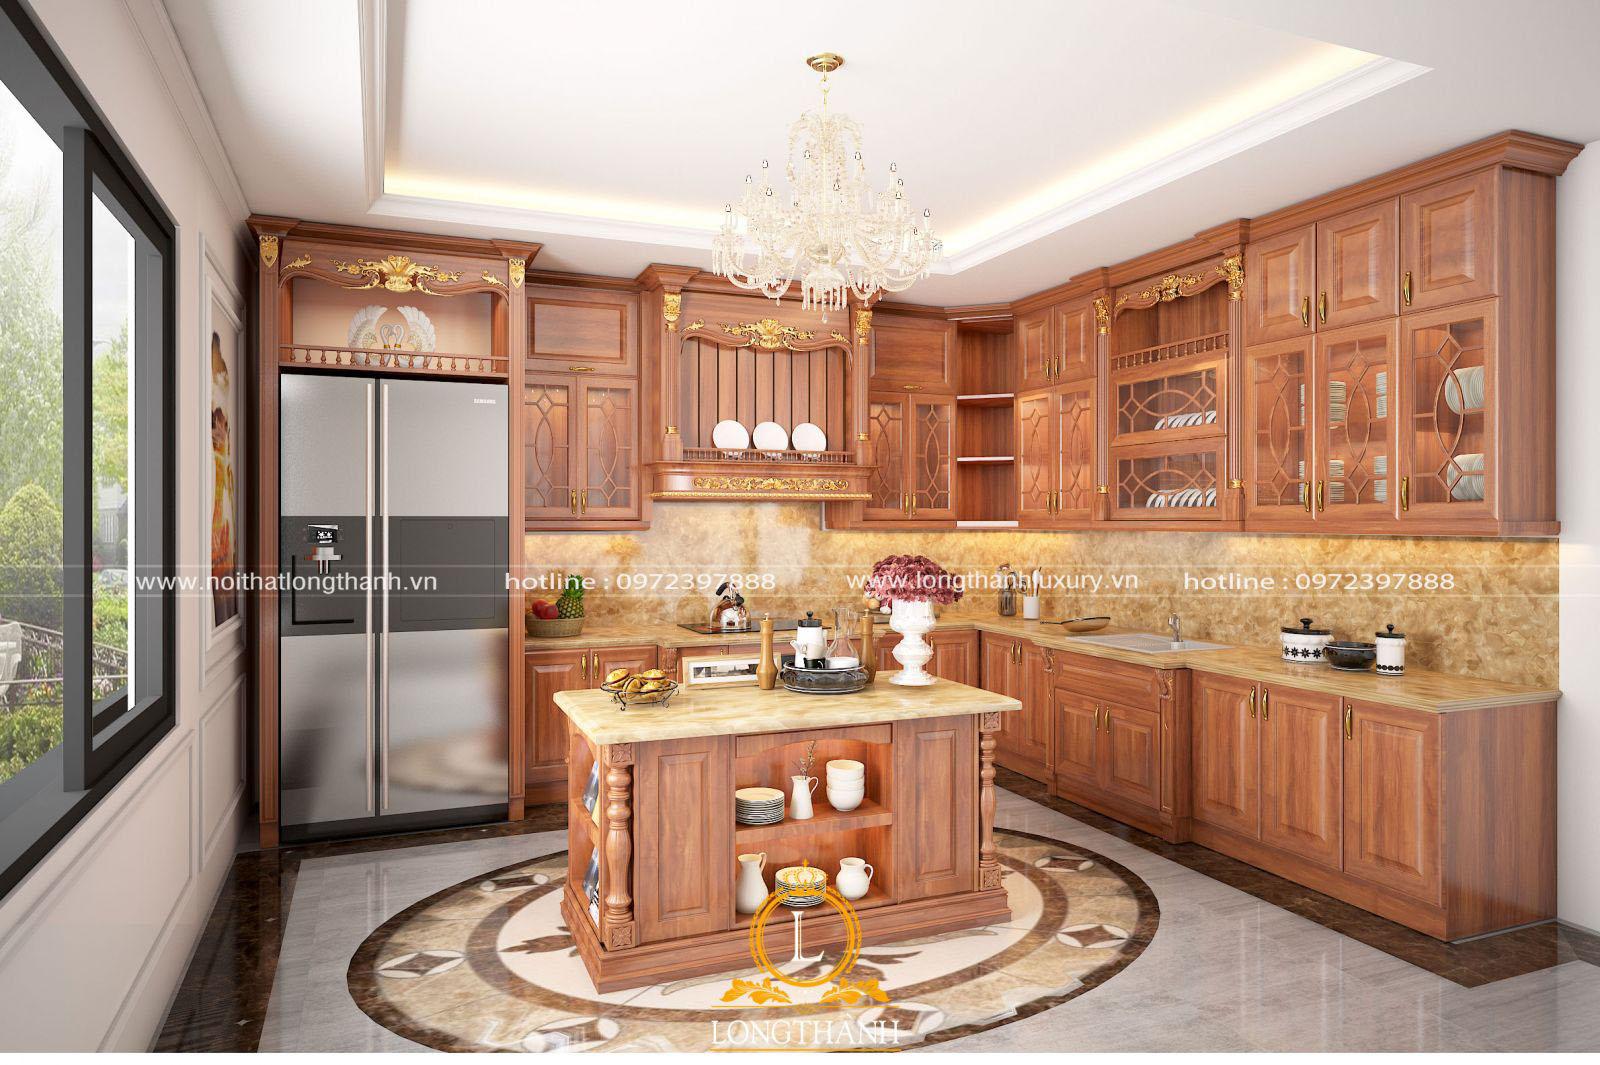 Mẫu thiết kế tủ bếp chữ Lbằng gỗ Gõ tự nhiên